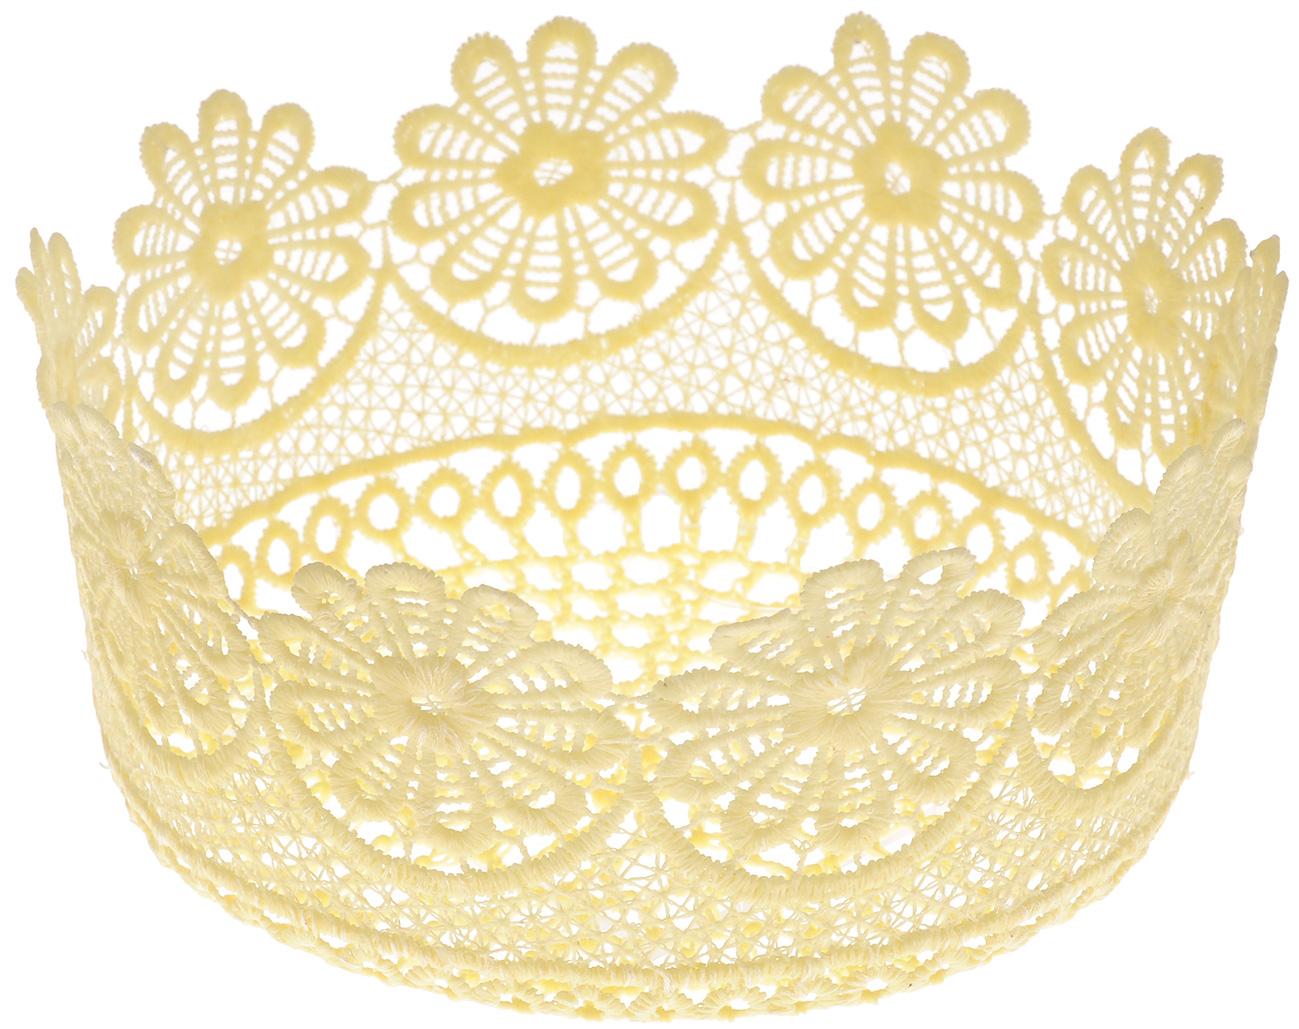 Корзина декоративная Home Queen Ромашки, цвет: желтый, диаметр 17 см64338_2Декоративная ажурная корзина Home Queen Ромашки, выполненная из полиэстера, предназначена для хранения различных мелочей и аксессуаров, также отлично подойдет для пасхальных яиц и кулича. Изделие имеет жесткую форму.Такая корзина станет оригинальным украшением интерьера к Пасхе.